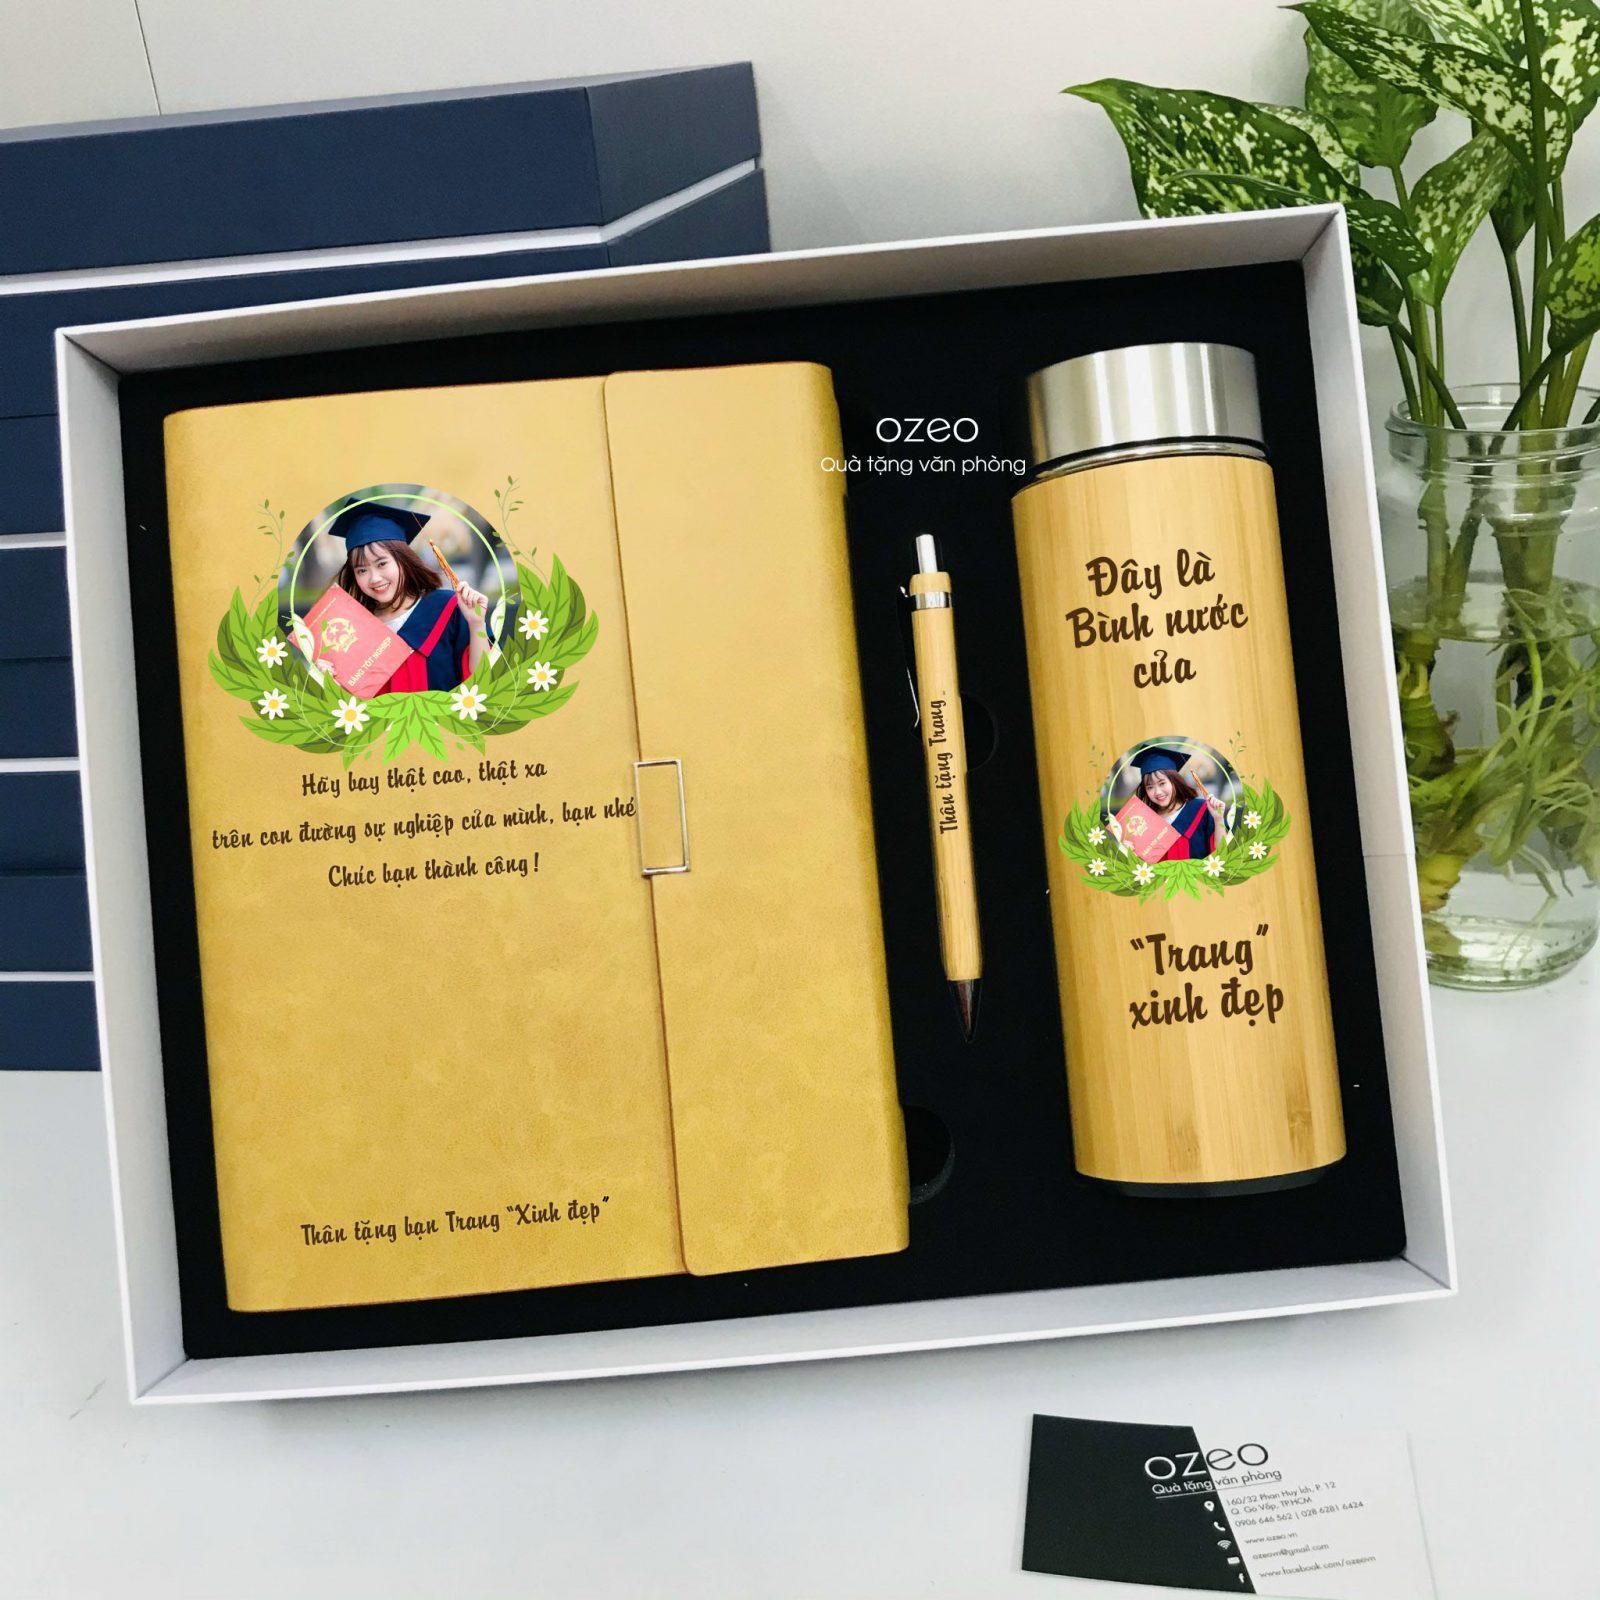 Bộ combo sổ tay, bút tre và bình giữ nhiệt vỏ tre in hình làm quà tặng tốt nghiệp